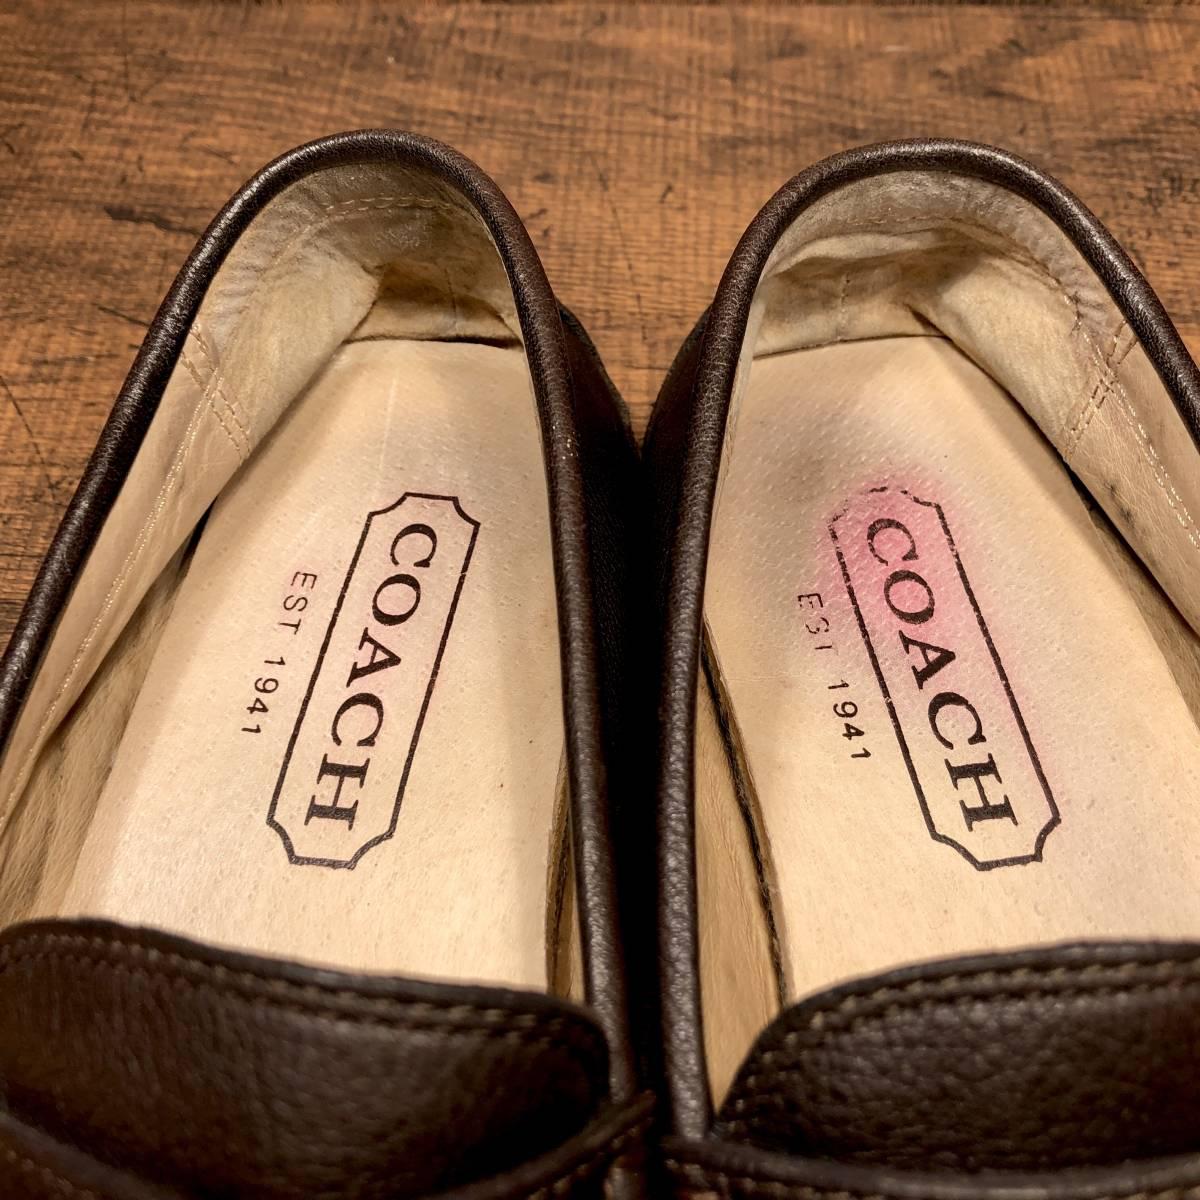 ■COACH■ 26cm 茶 ブラウン コーチ ドライビングシューズ コインローファー メンズ 革靴 靴 本革 ビジネス ドレス くつ 即決_画像5